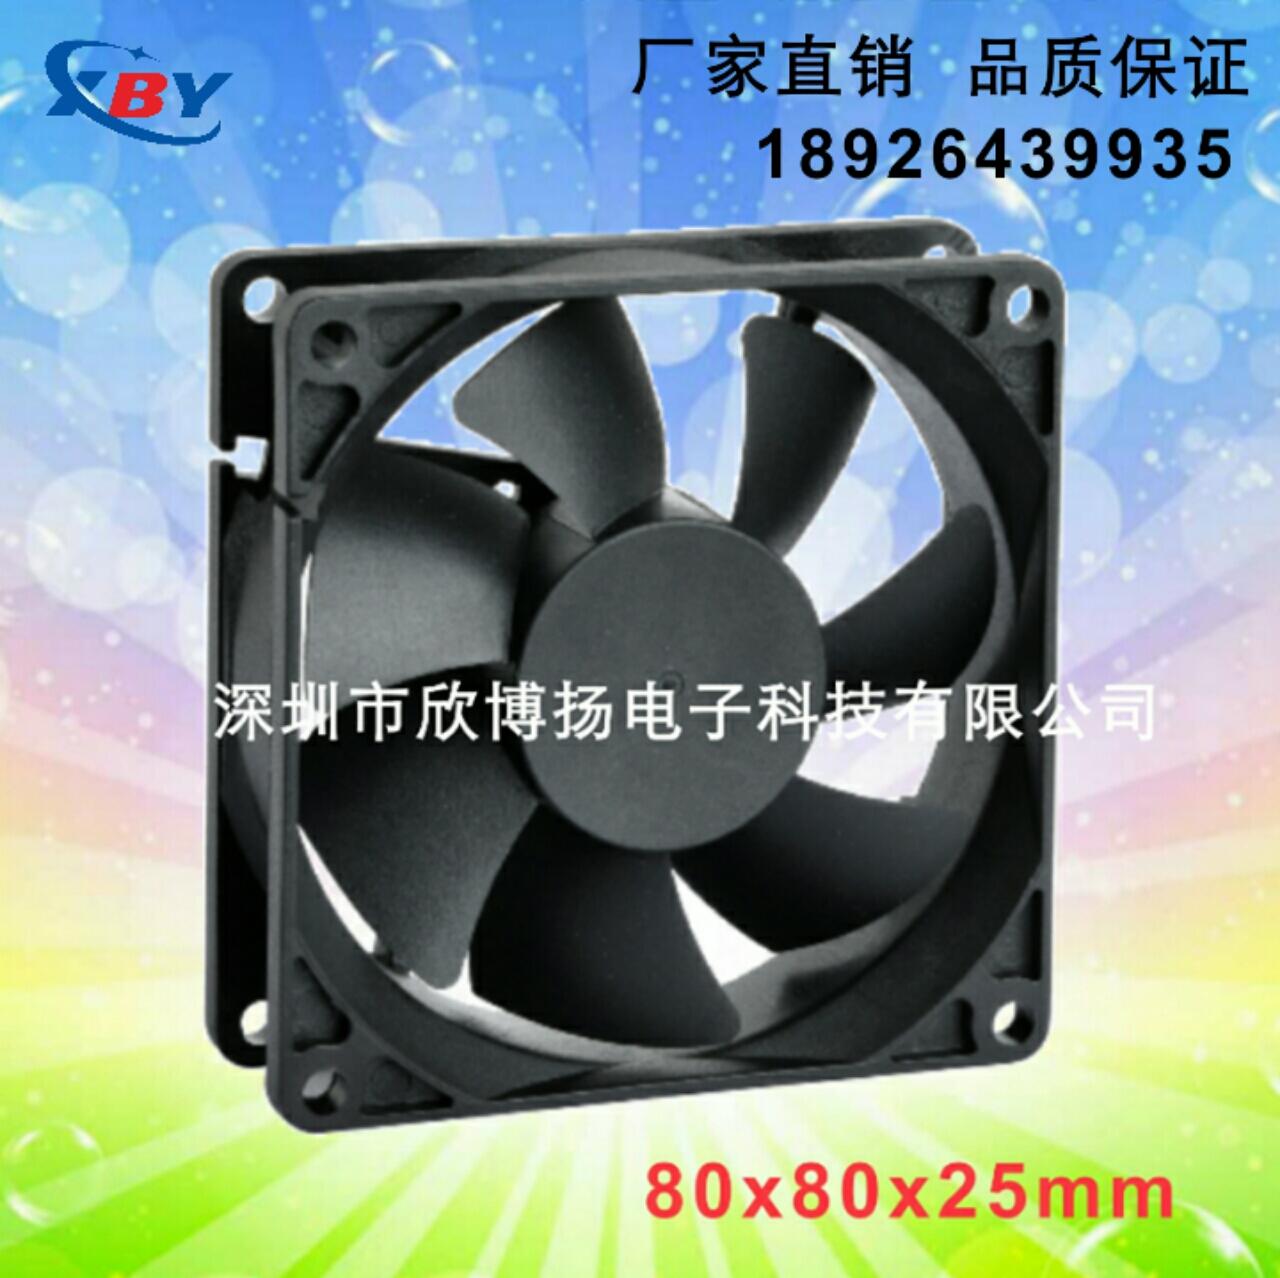 【厂家供应】8025散热风扇12V变频器散热风扇